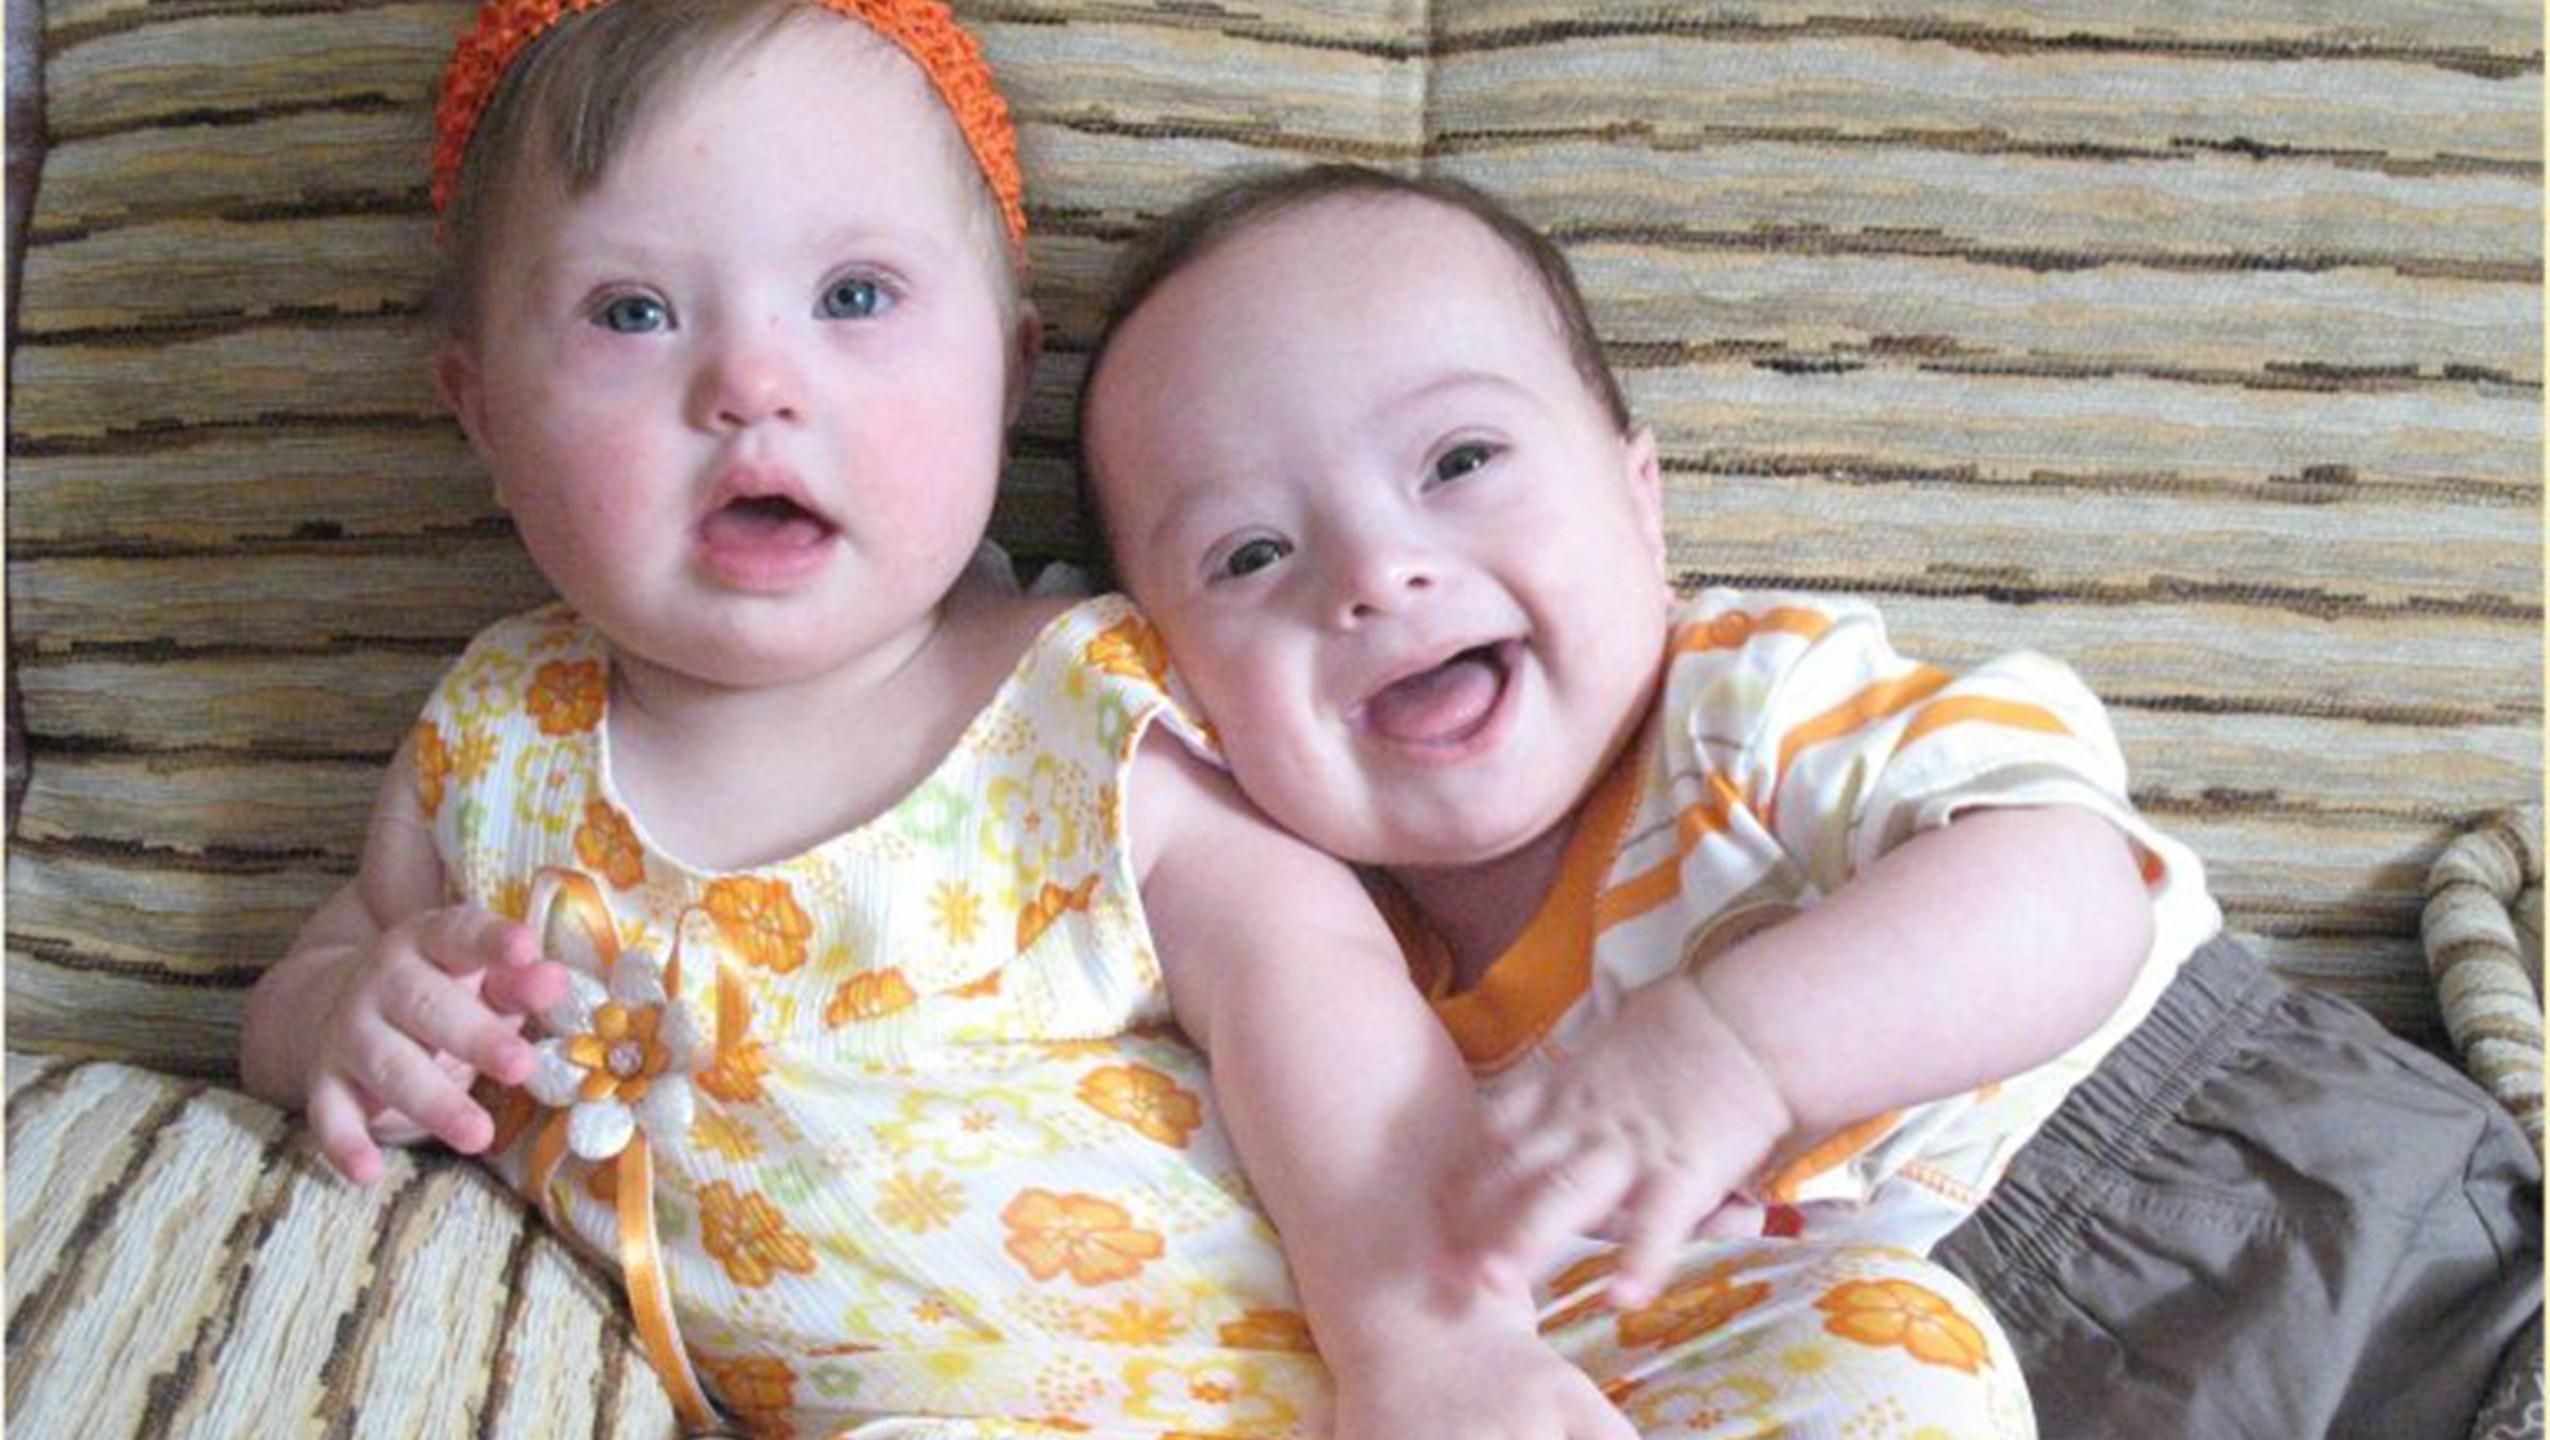 Bud & Abby _1525915373705.jpg.jpg